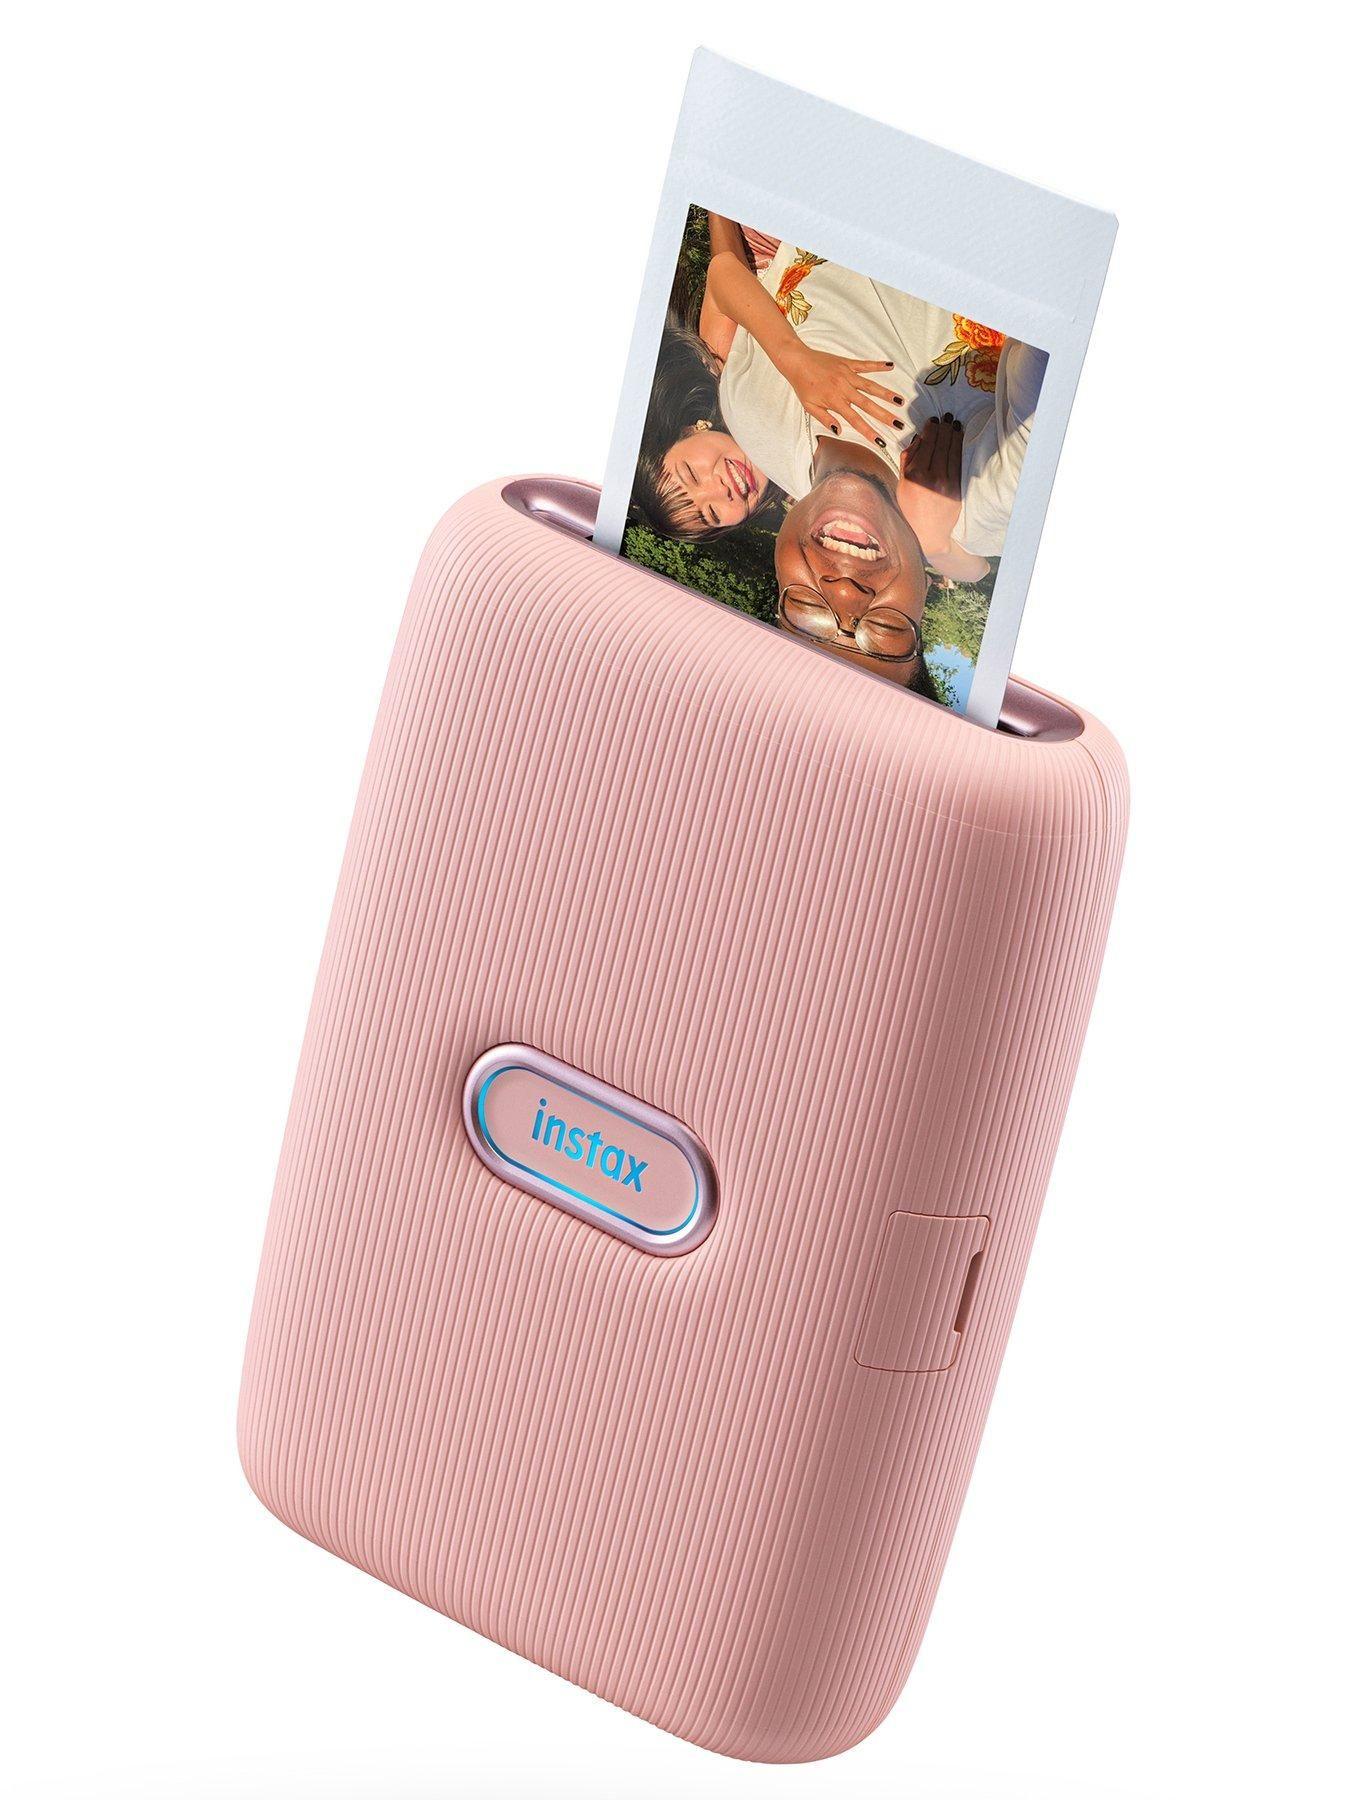 Fujifilm Instax Fujifilm Instax Mini Link Printer (Dusty Pink) Inc 20 Shots - +…